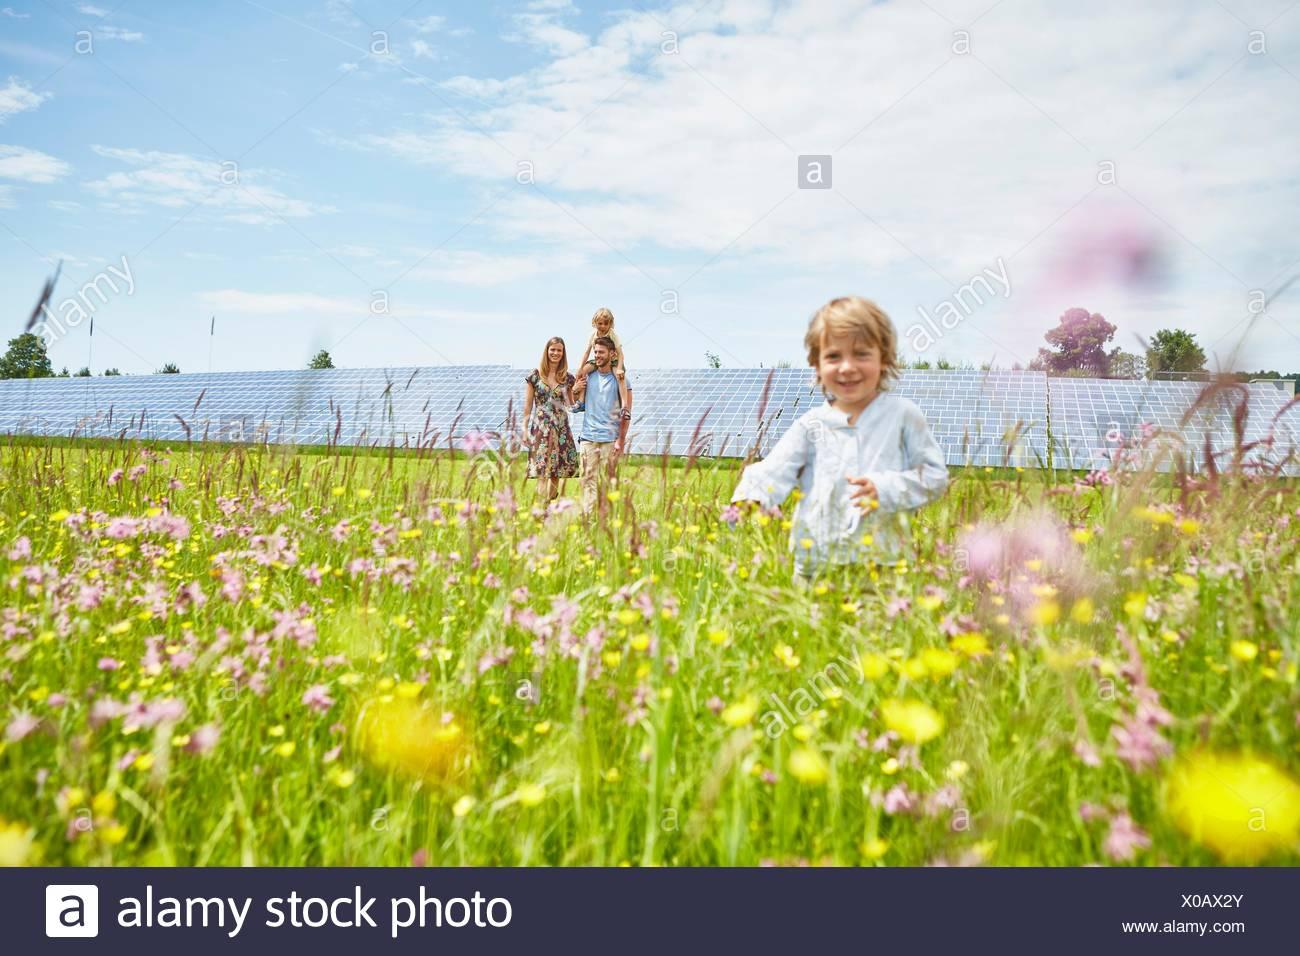 Giovane ragazzo in esecuzione attraverso il campo, madre, padre e fratello in seguito dietro, accanto alla fattoria solare Immagini Stock